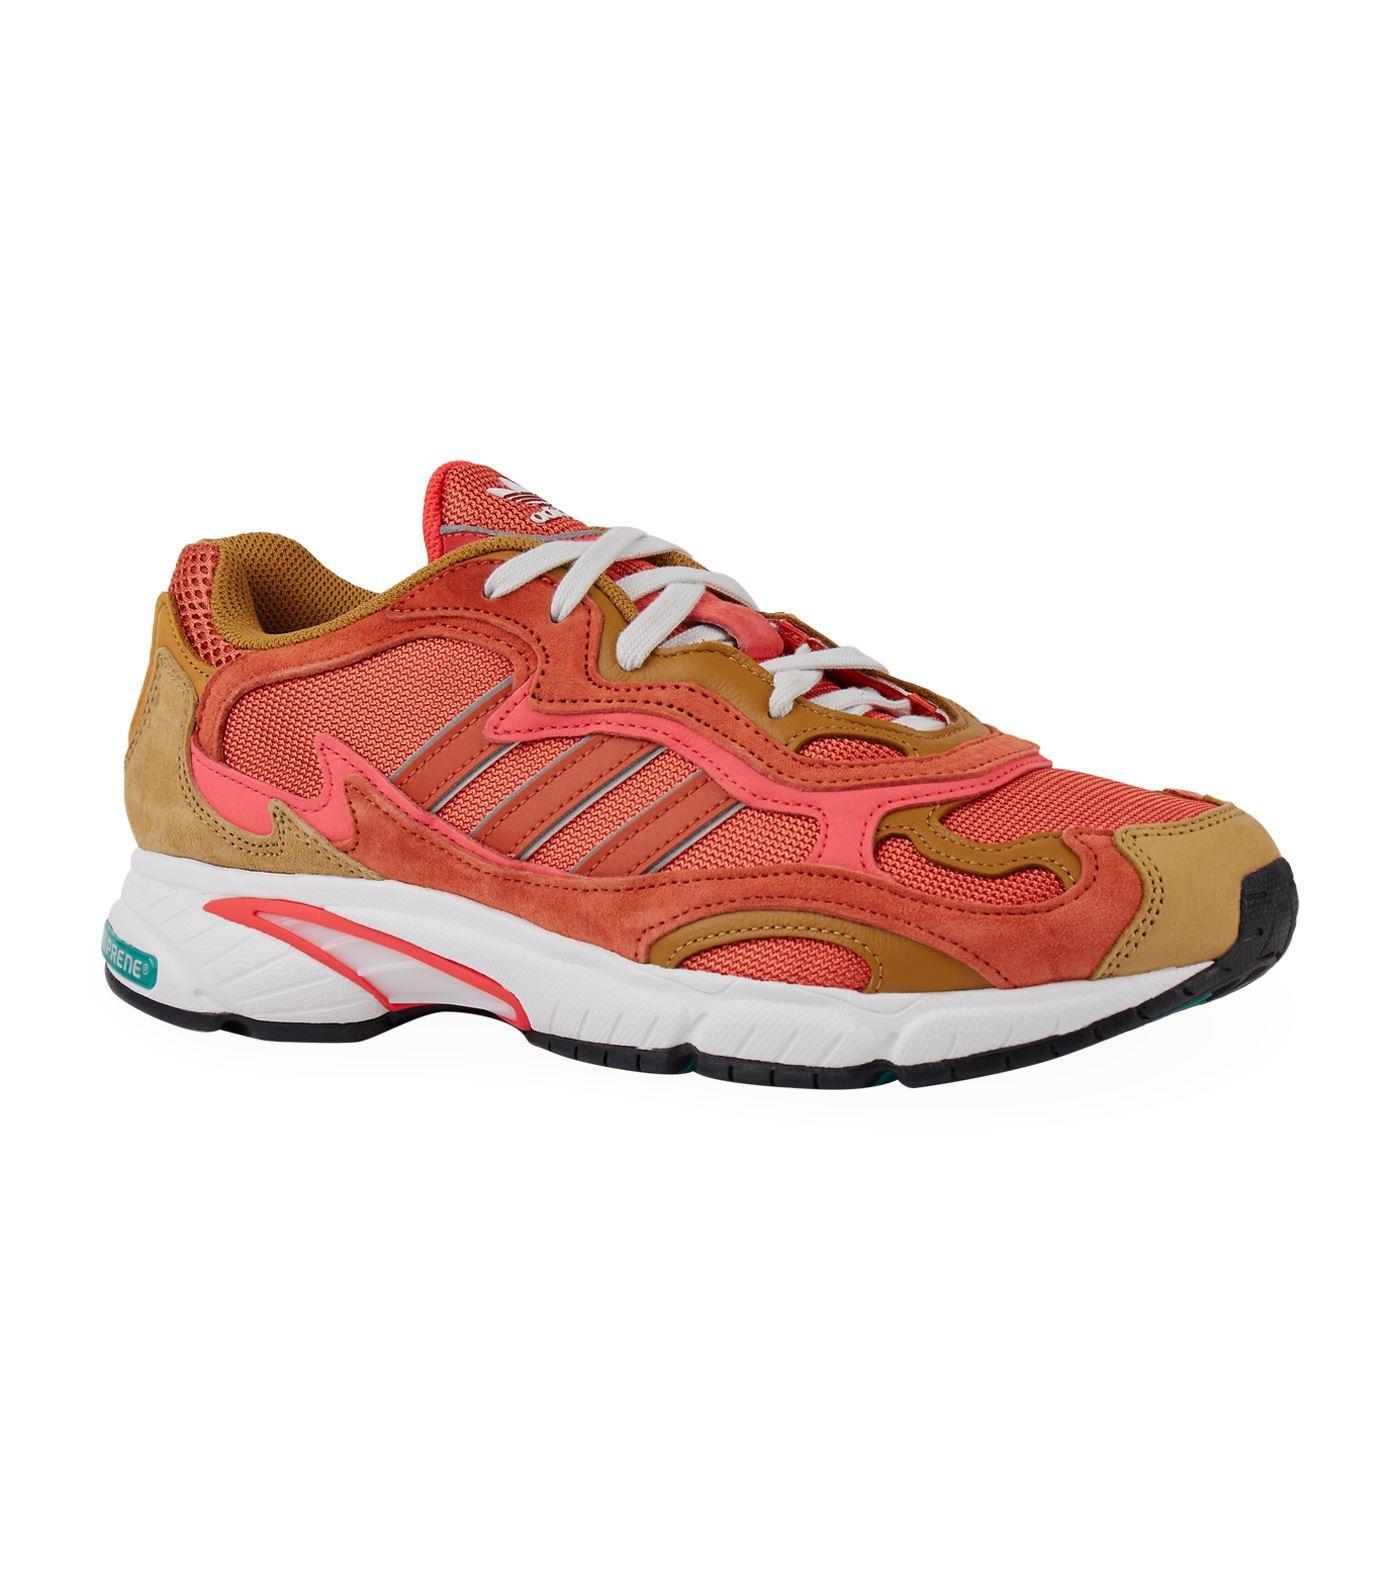 online store d2b04 33728 Adidas Originals - Orange Temper Run Sneakers for Men - Lyst. View  fullscreen